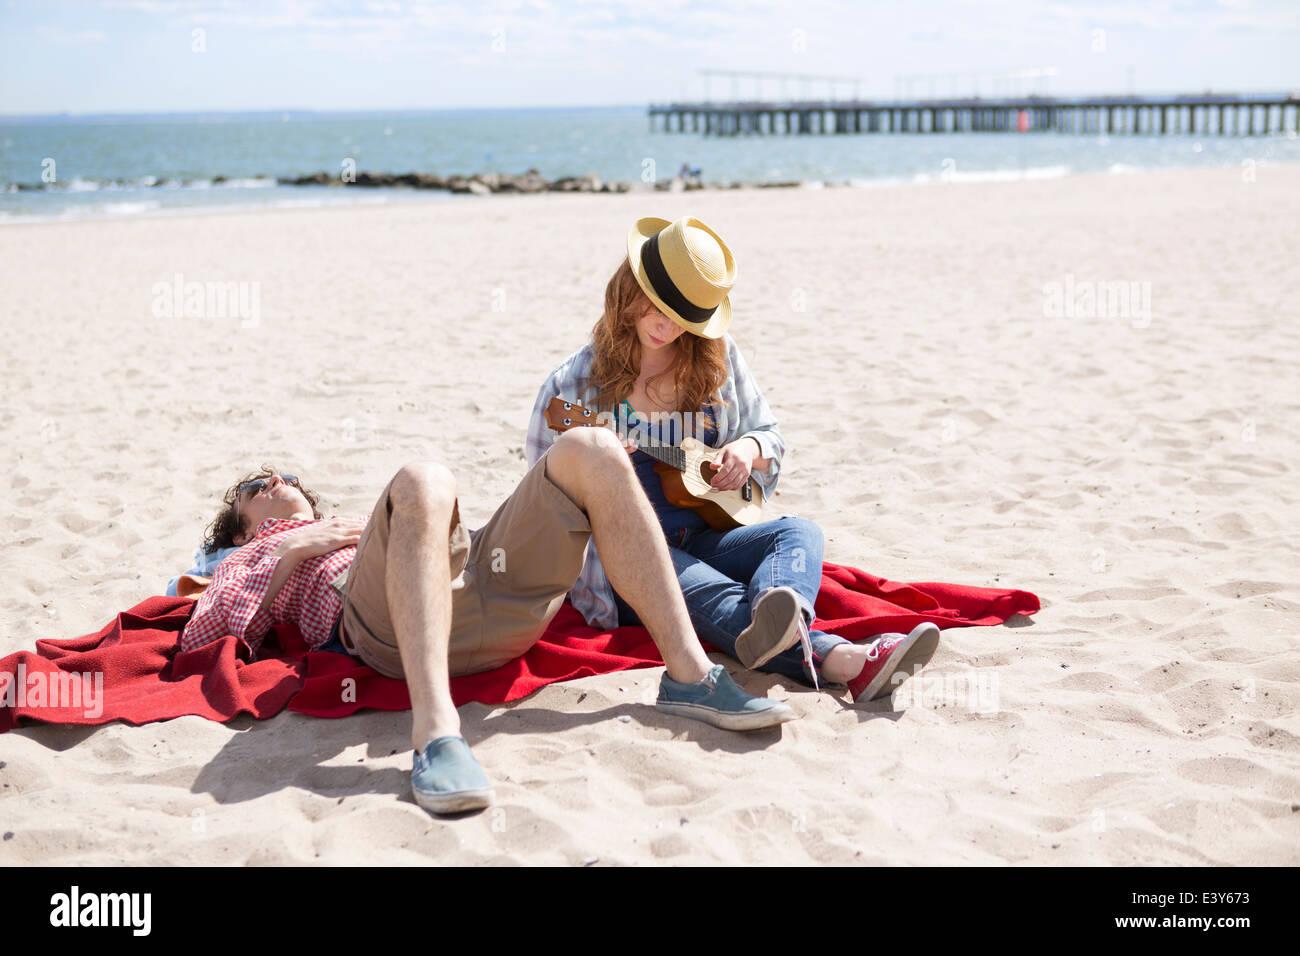 Couple sunbathing and playing ukulele on beach - Stock Image